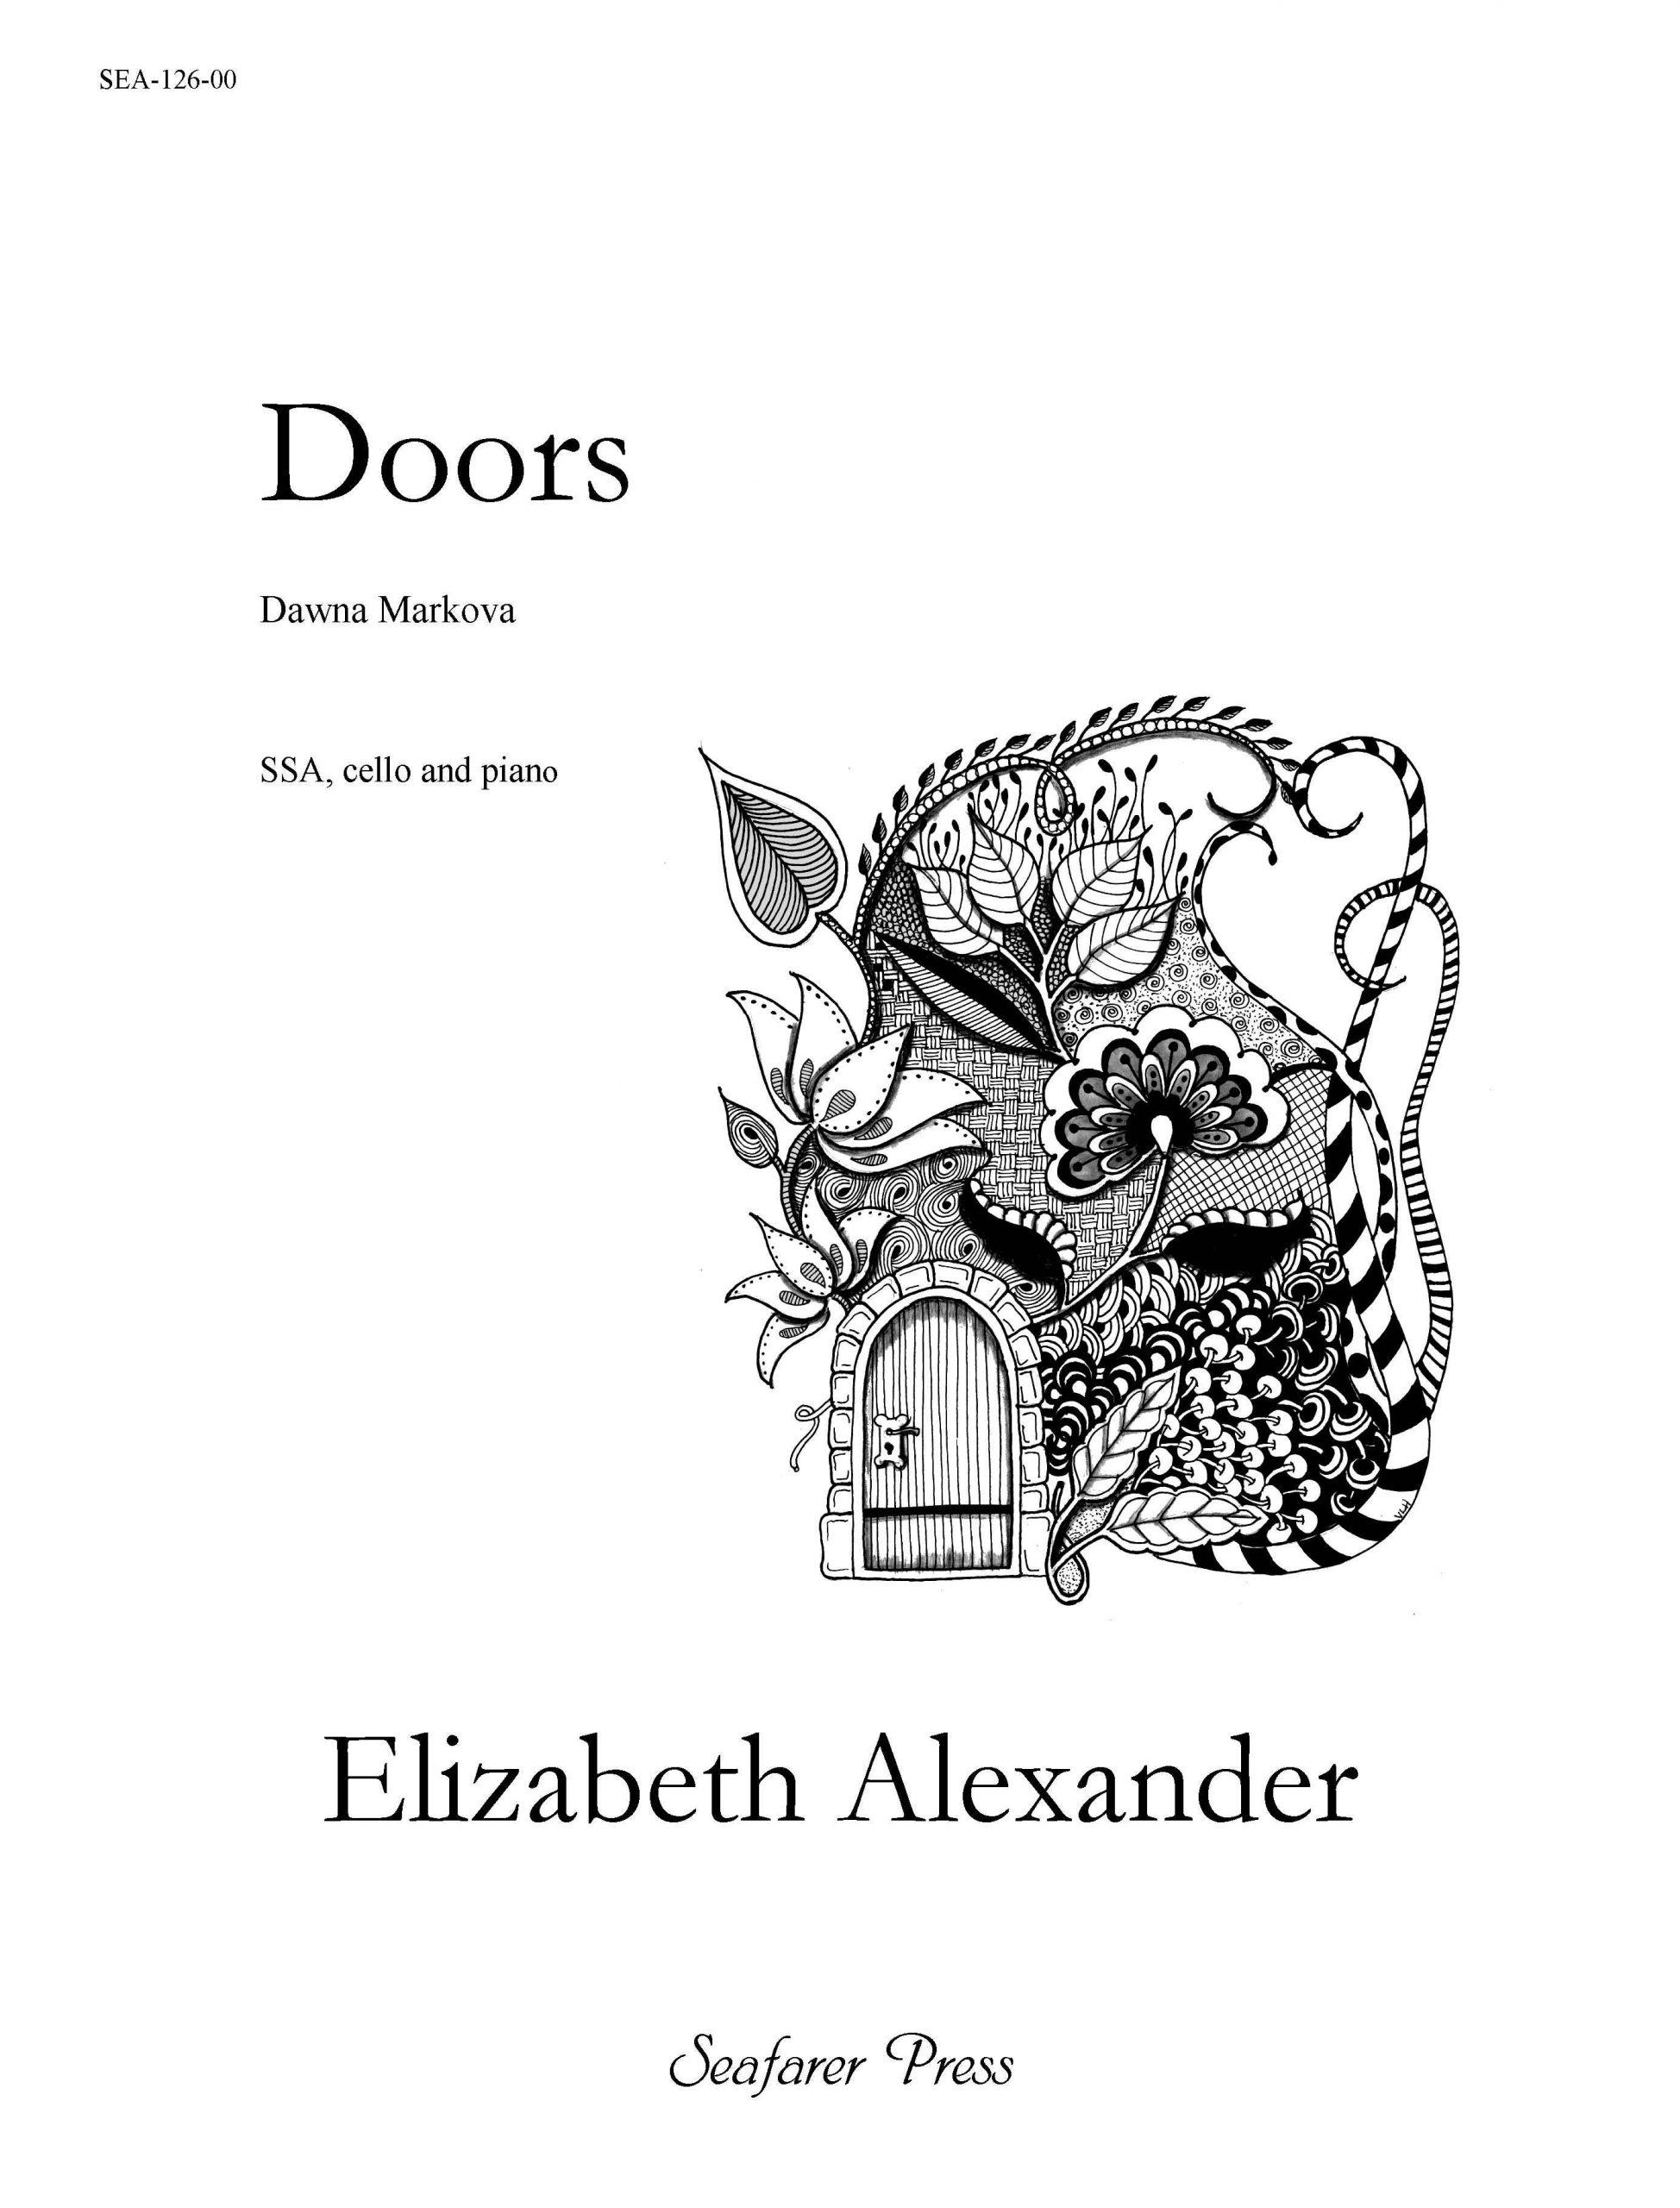 SEA-126-00 - Doors